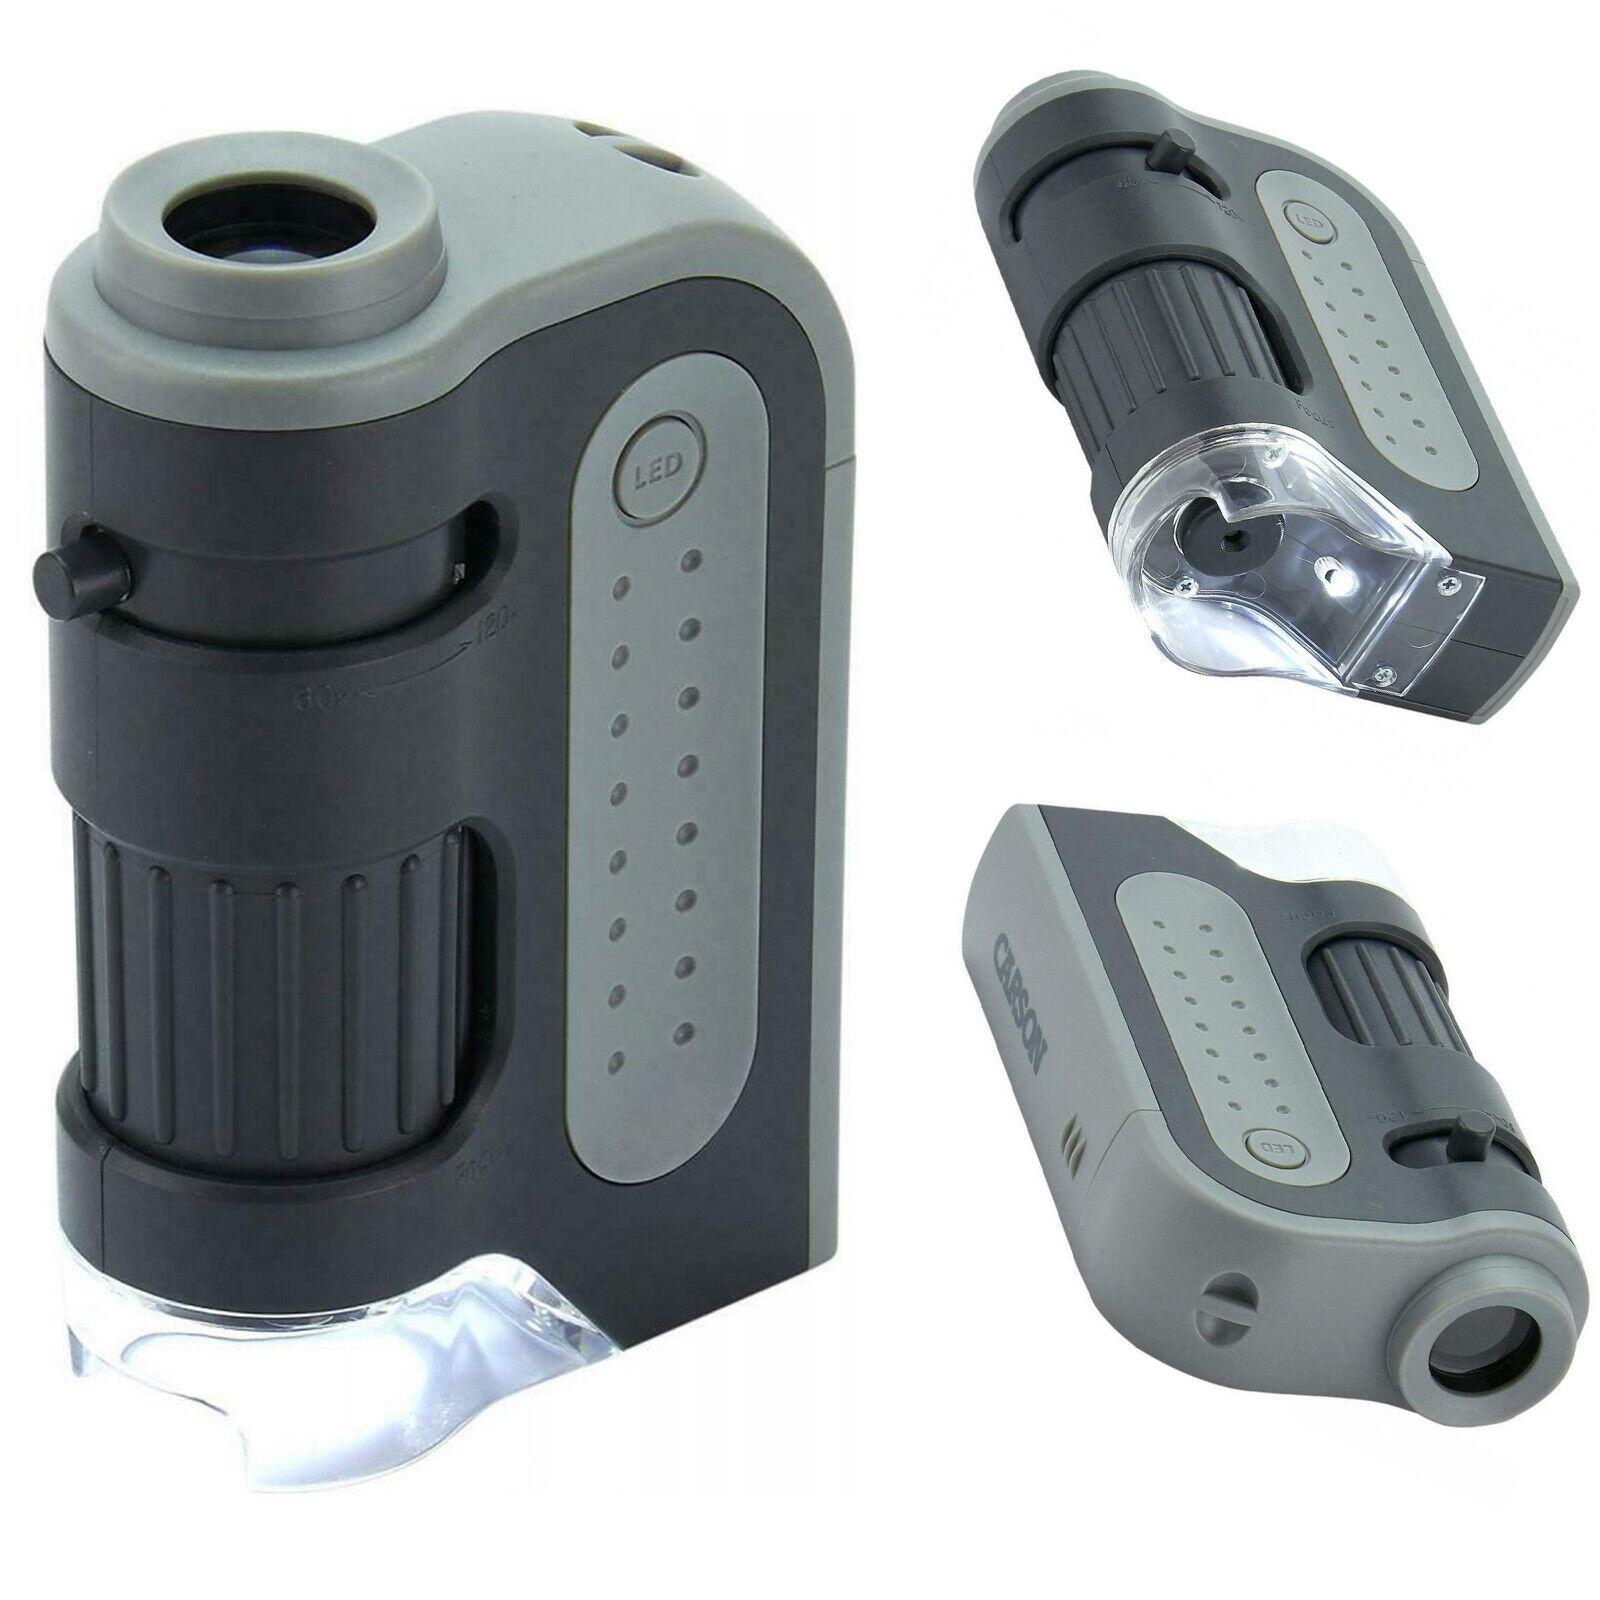 PROFI Taschenmikroskop LED 60x-120x - Taschenlupe Mini Mikroskop Juwelierlupe